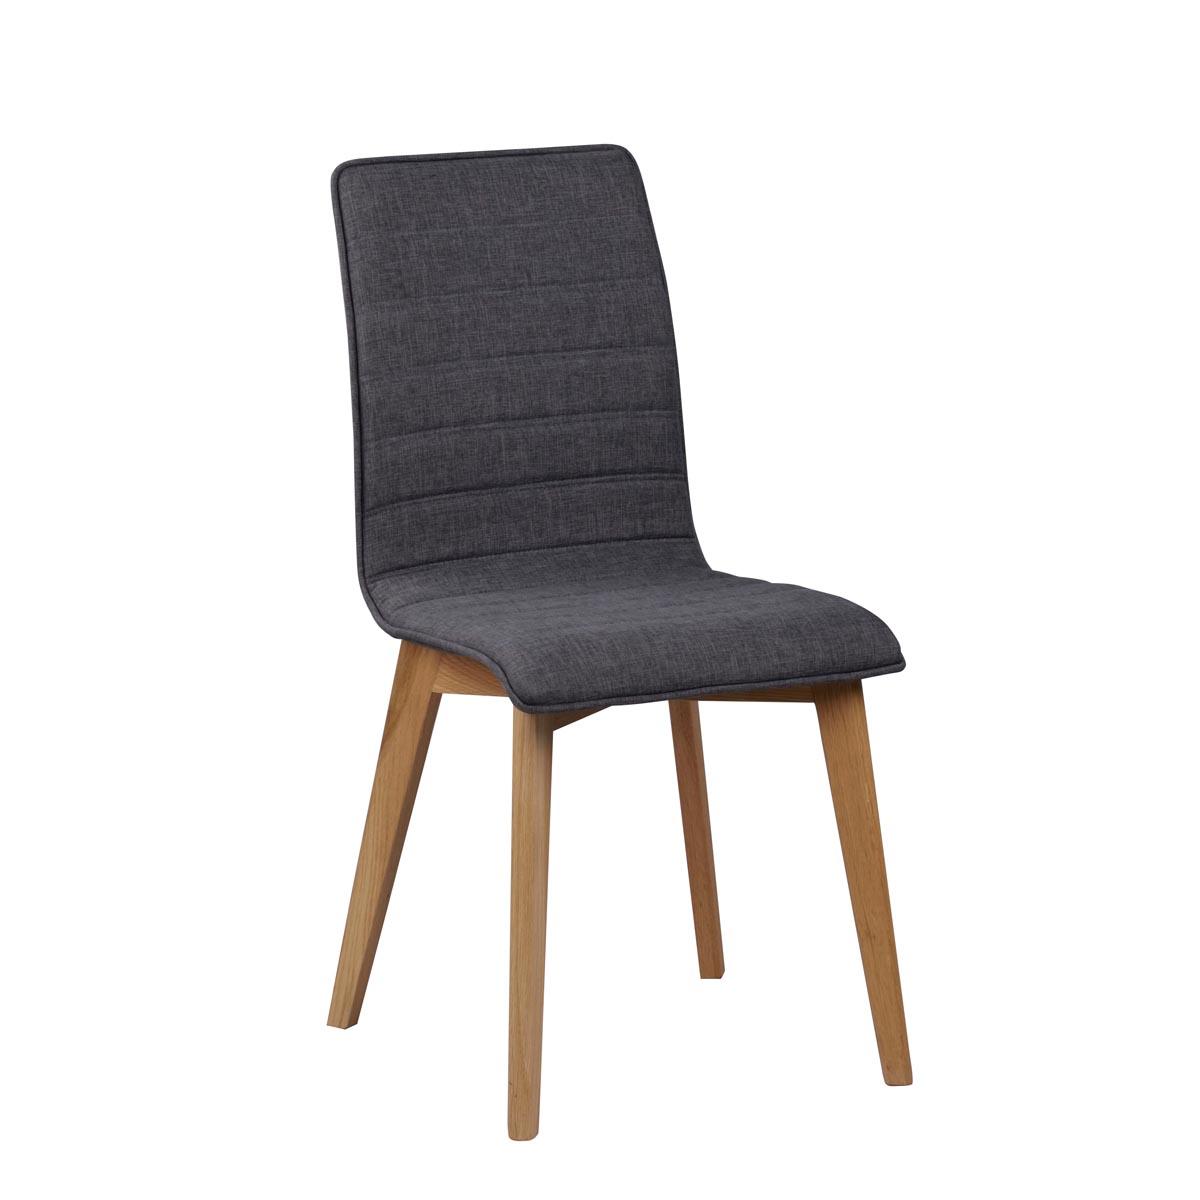 Febe-stol-morkgra-tyg-ek-Grace-113638